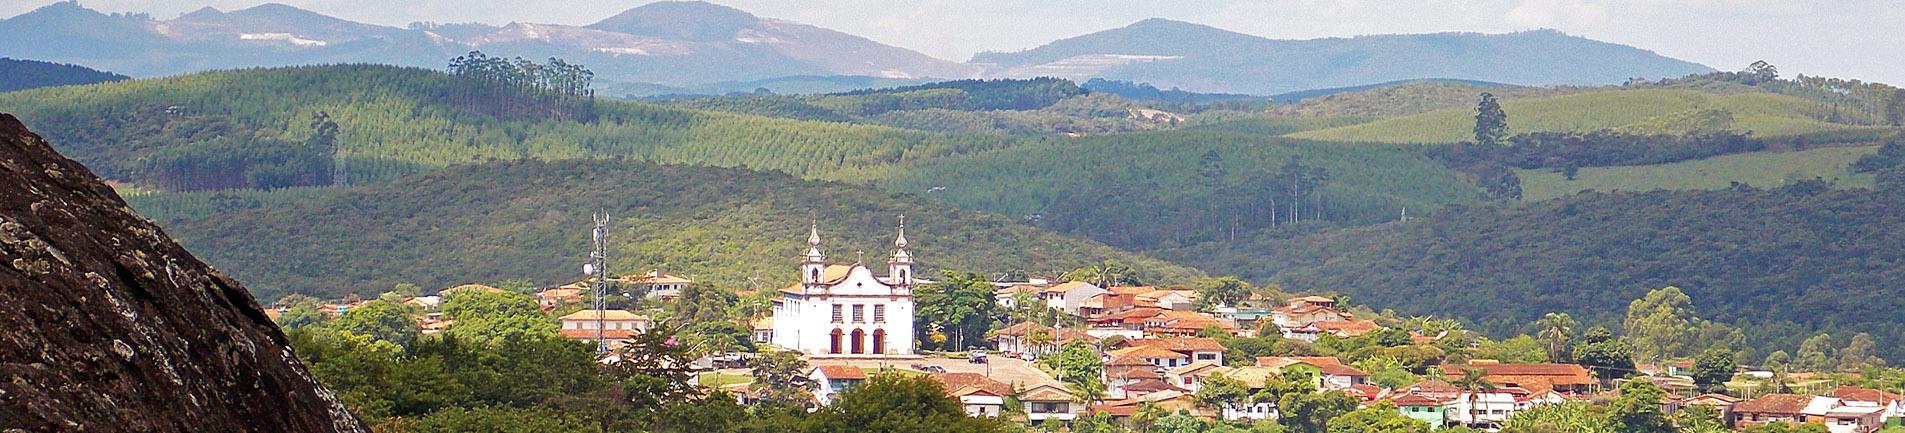 Vista de Catas Altas.